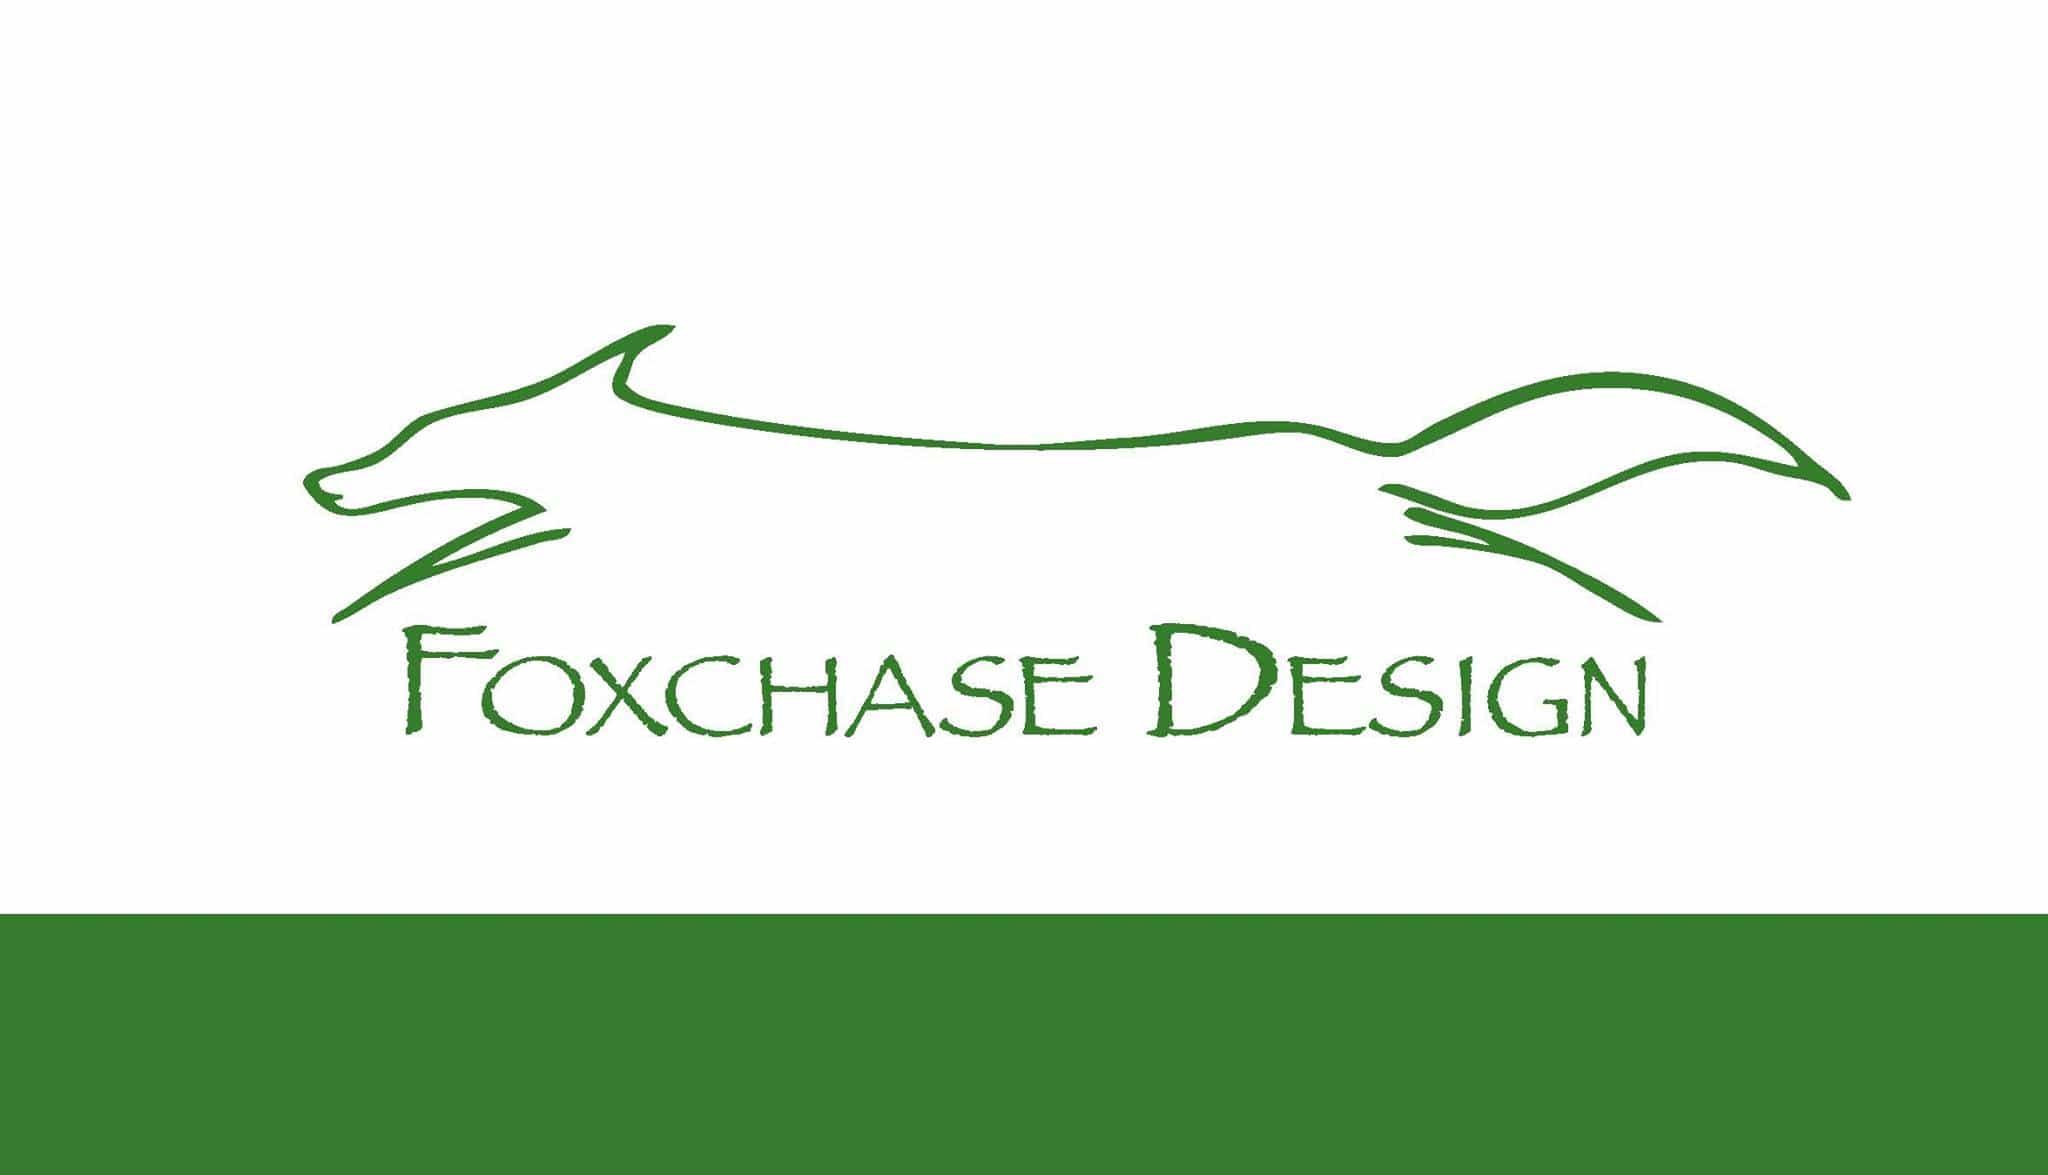 Foxchase Design, LLC